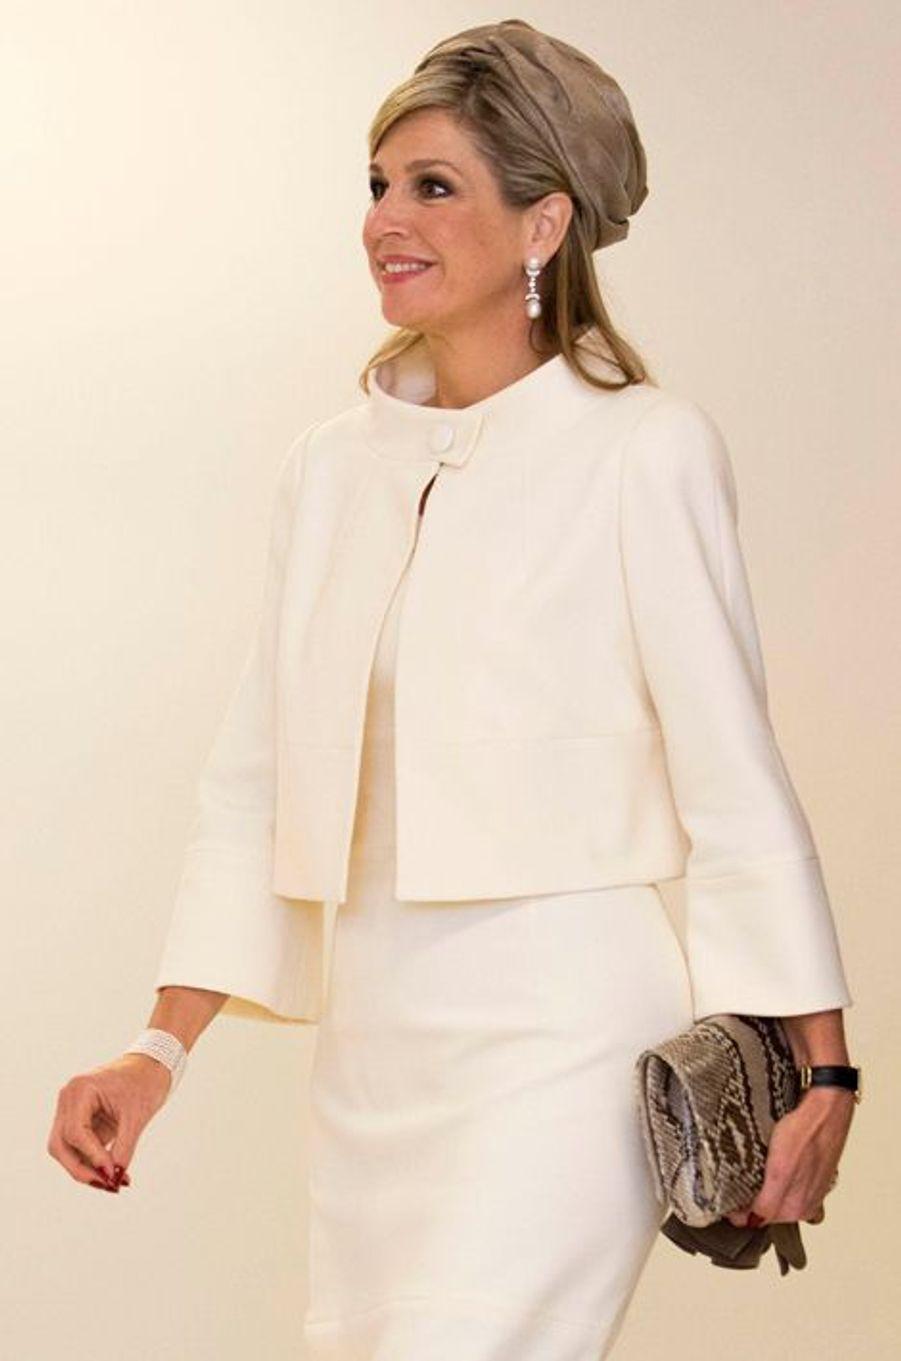 La reine Maxima des Pays-Bas au Rehabilitation Institute de Chicago, le 3 juin 2015